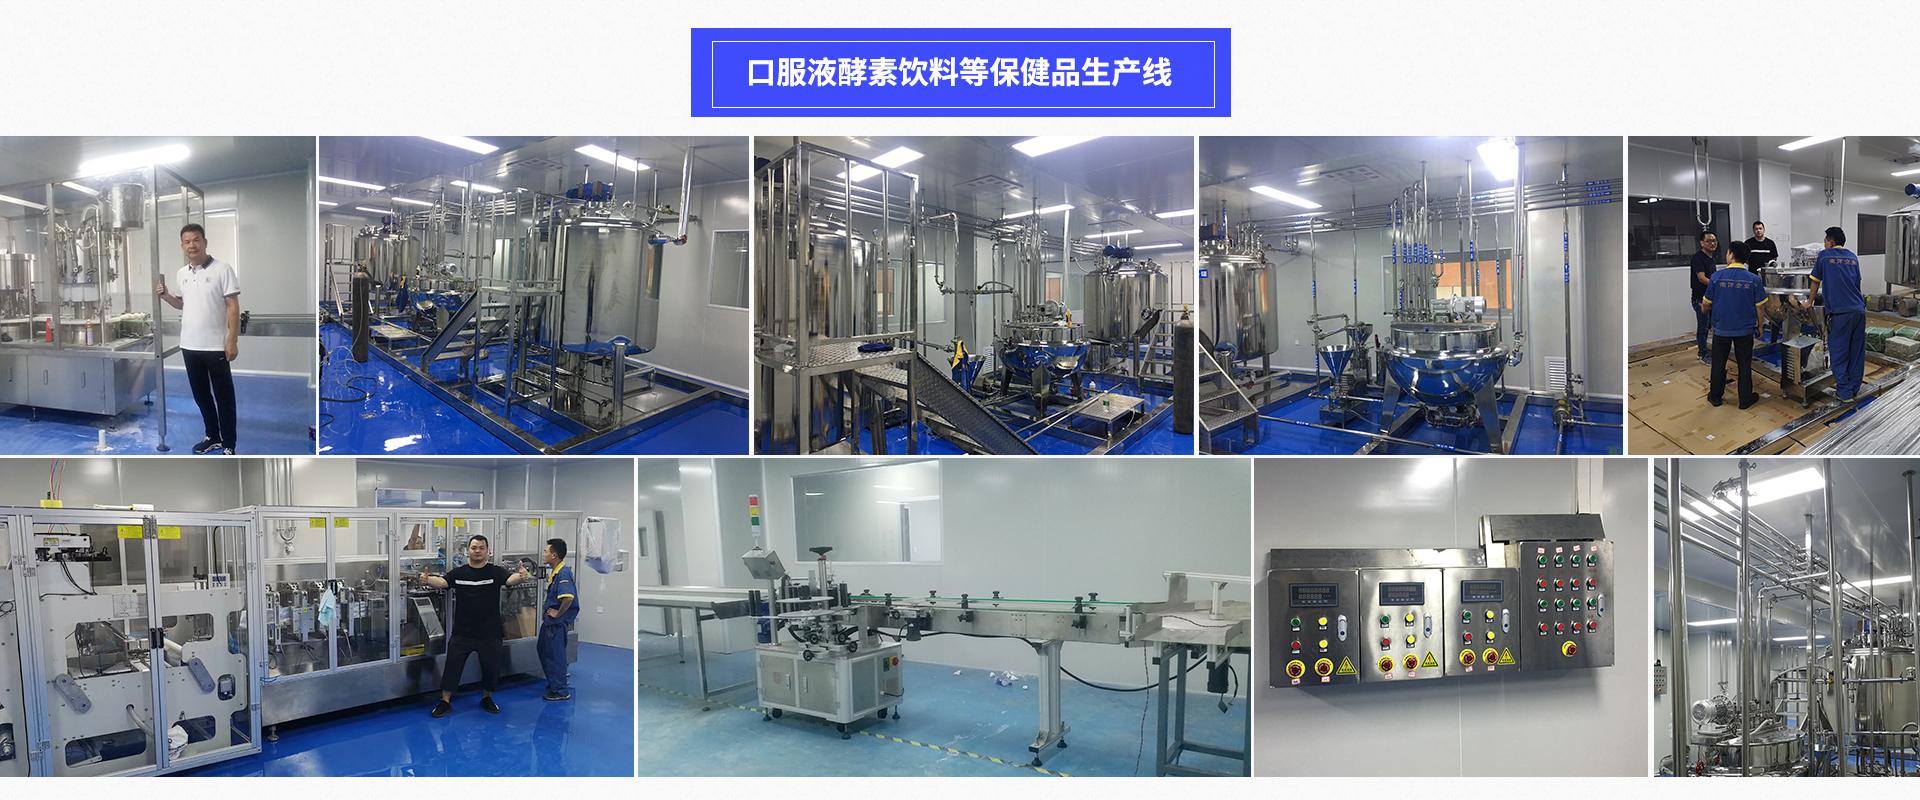 口服液生产线工程案例